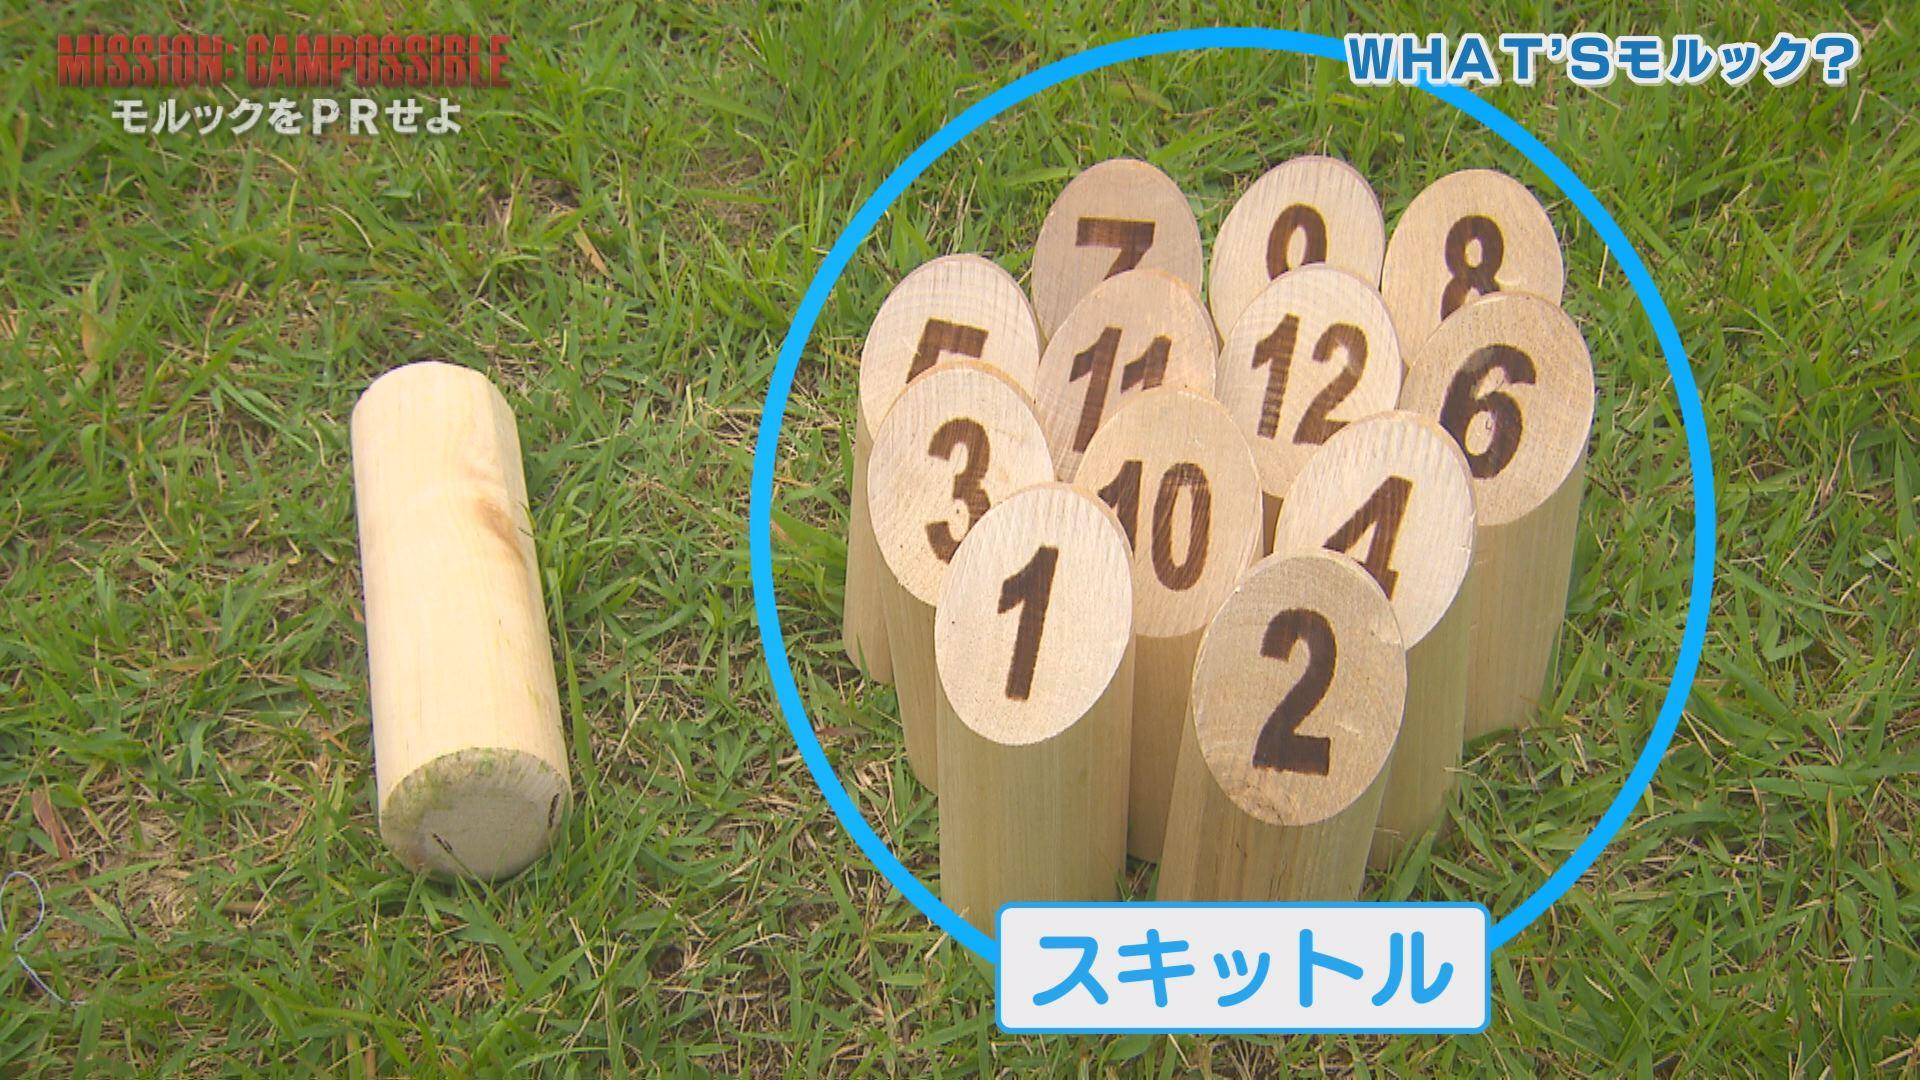 投げる棒「モルック」 右:1~12の番号が書かれた棒「スキットル」